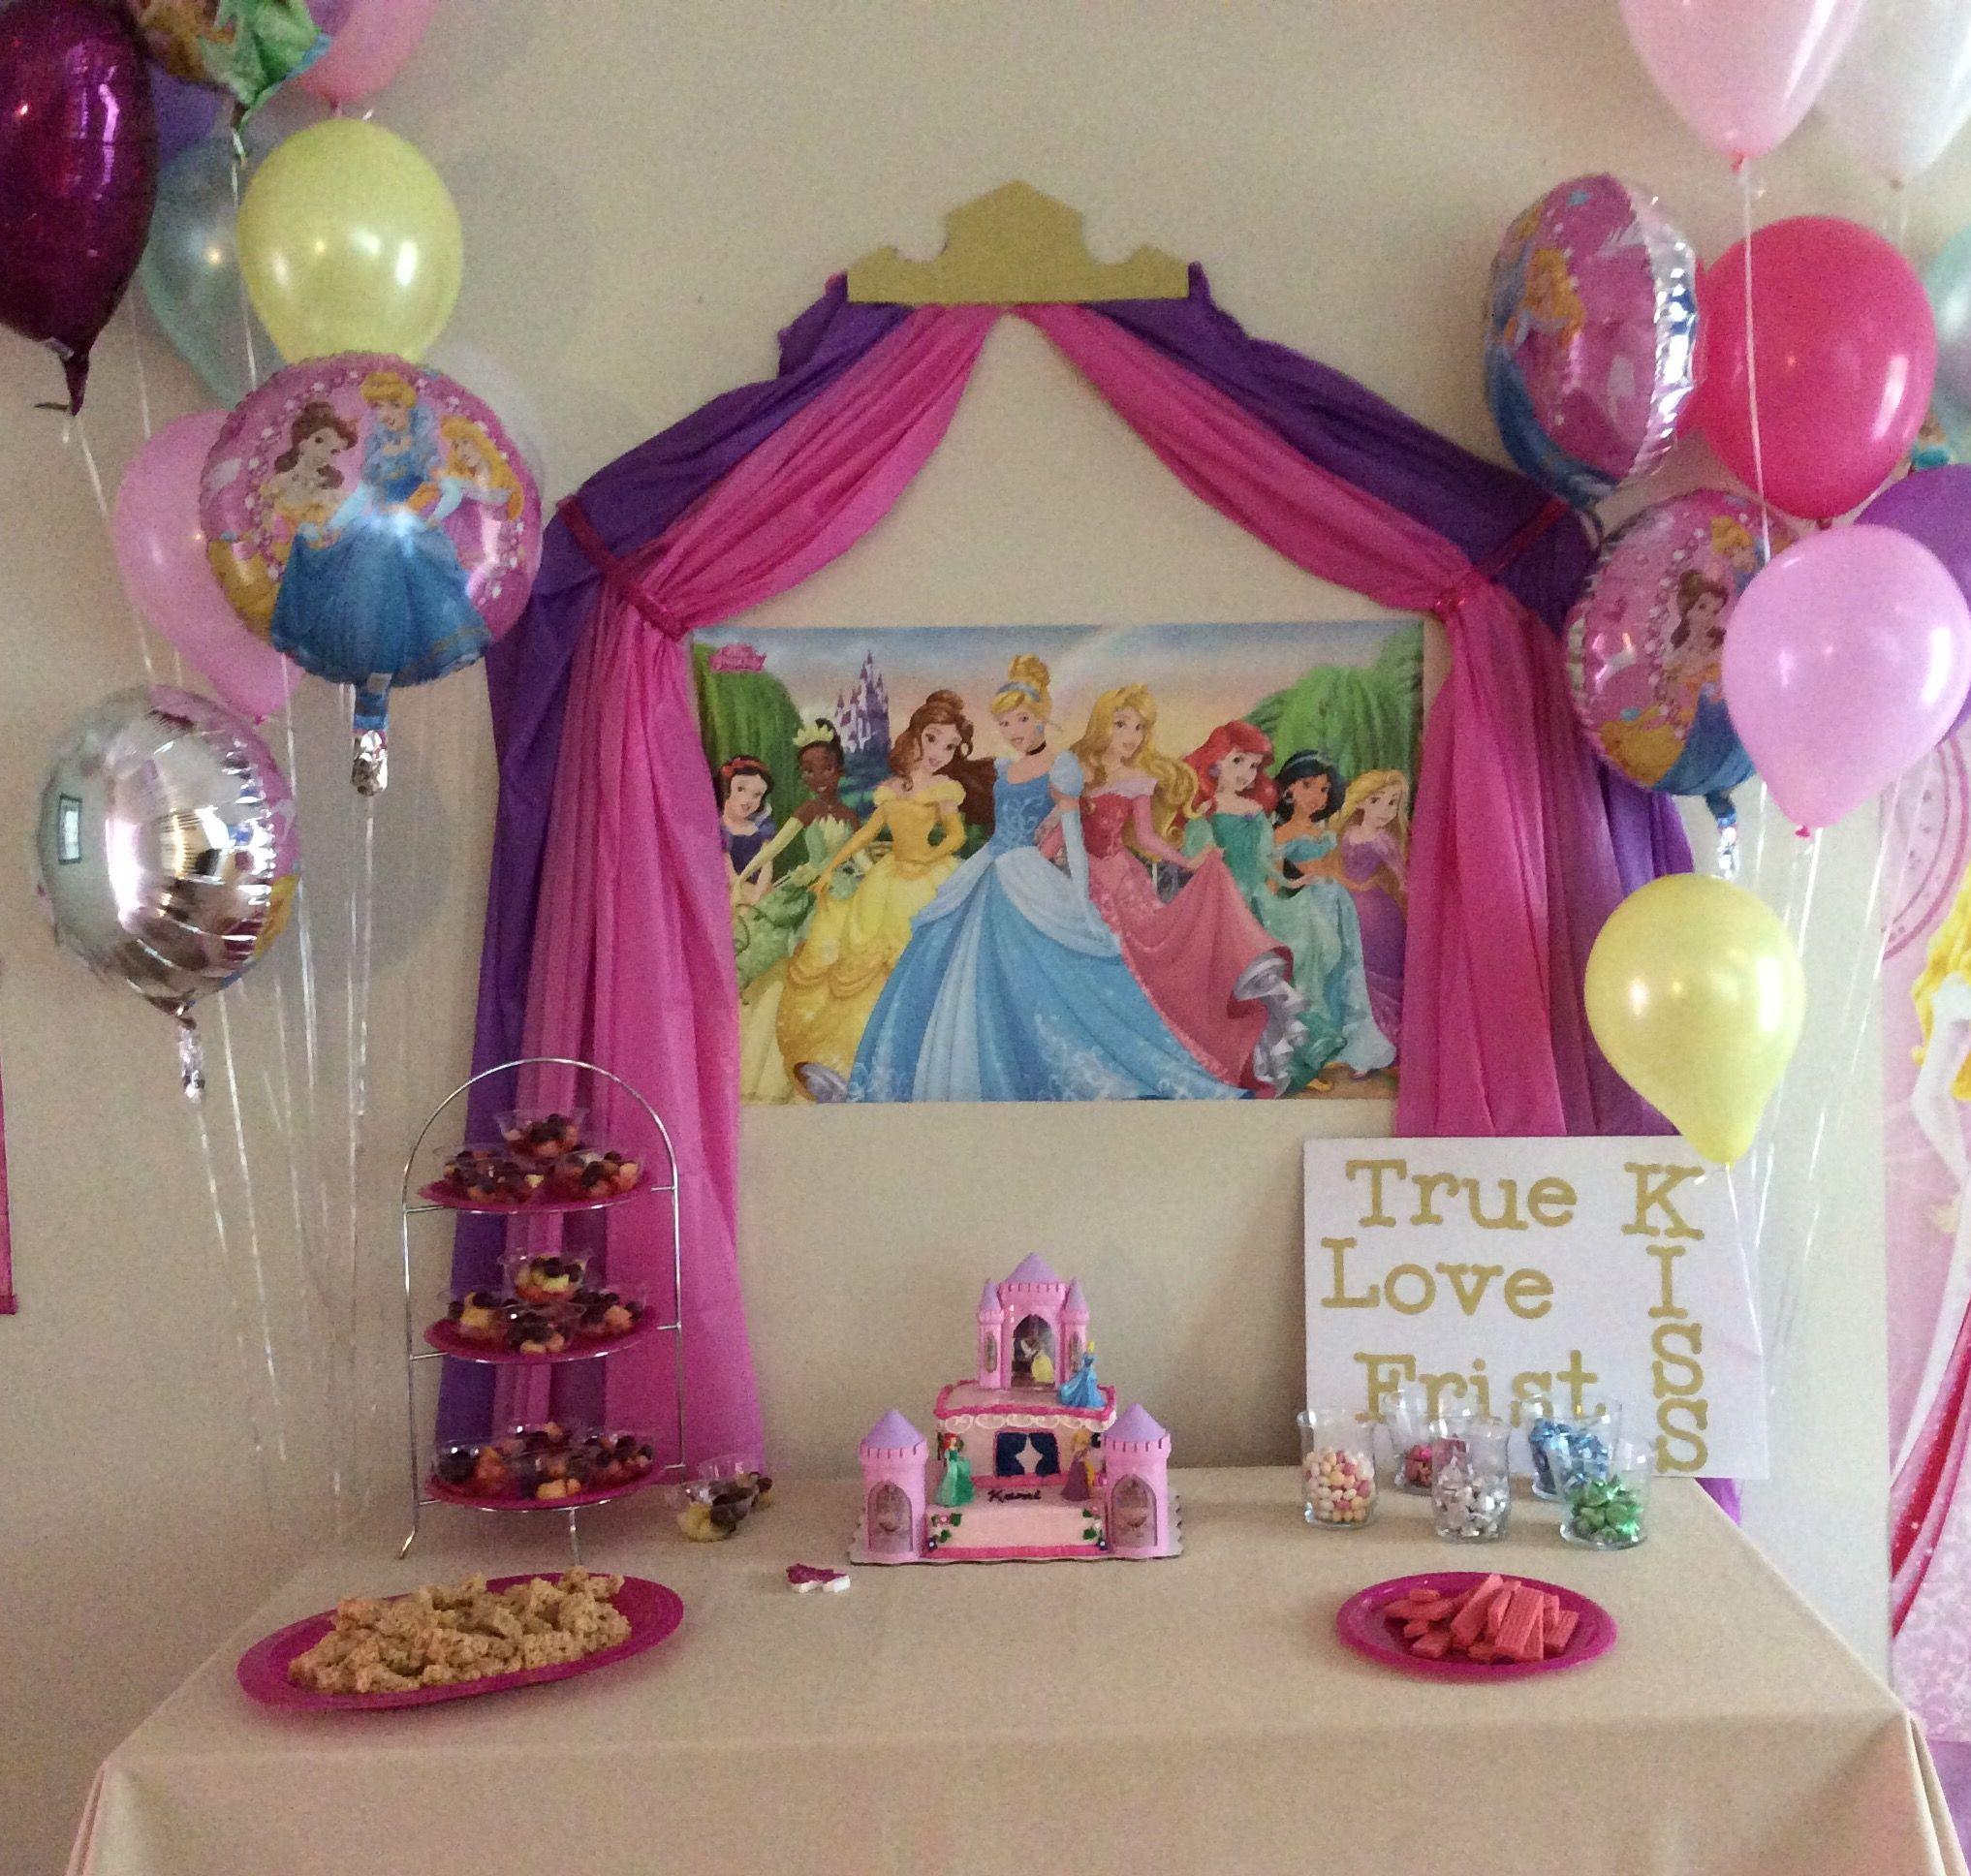 Disney Princess Party Princess Theme Party Princess Party Decorations Princess Birthday Party Decorations